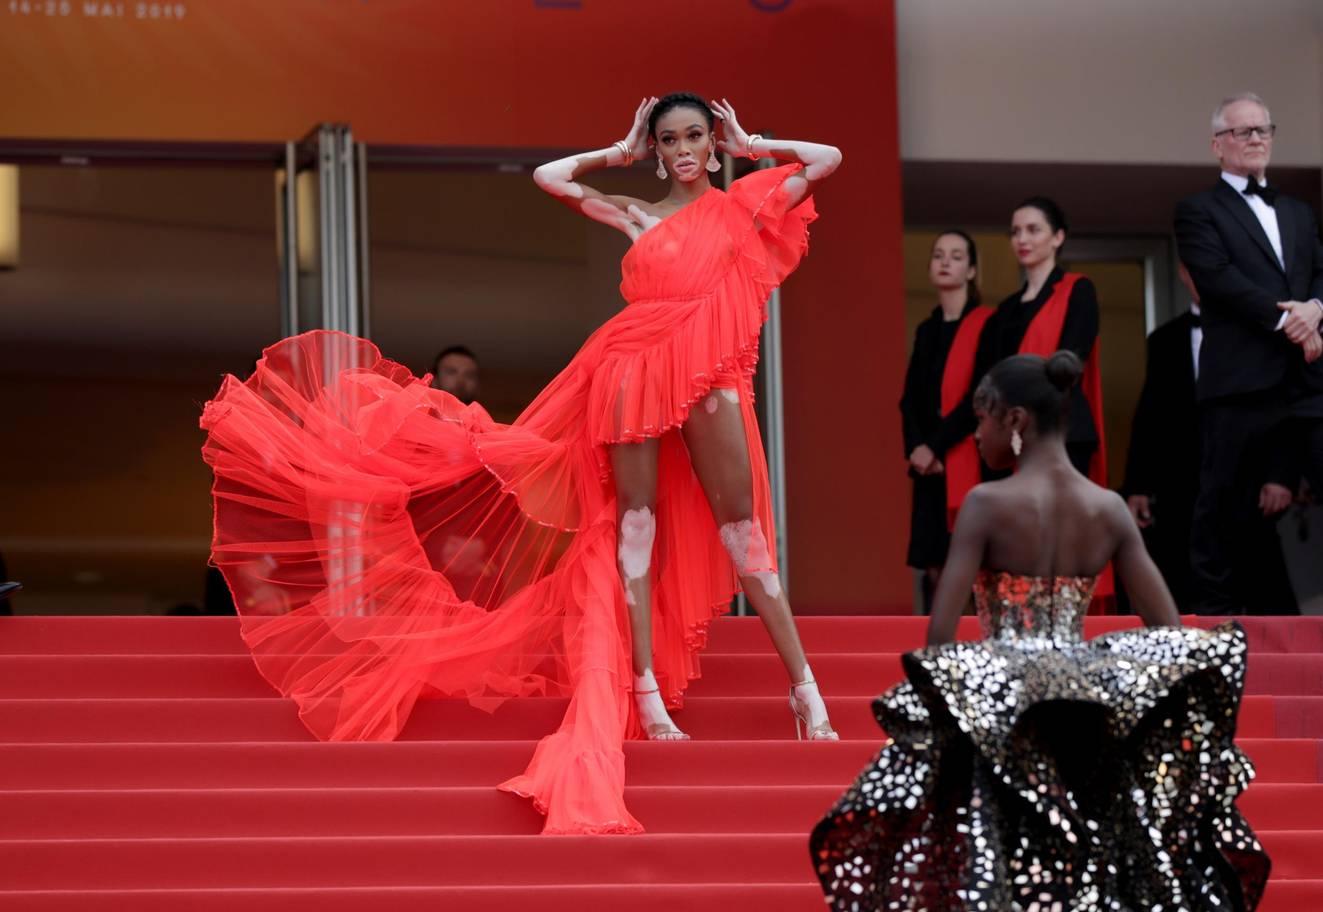 Το μοντέλο από την Αμερική, Winnie Harlow, φόρεσε ένα εκθαμβωτικό κόκκινο φόρεμα με έναν ώμο.